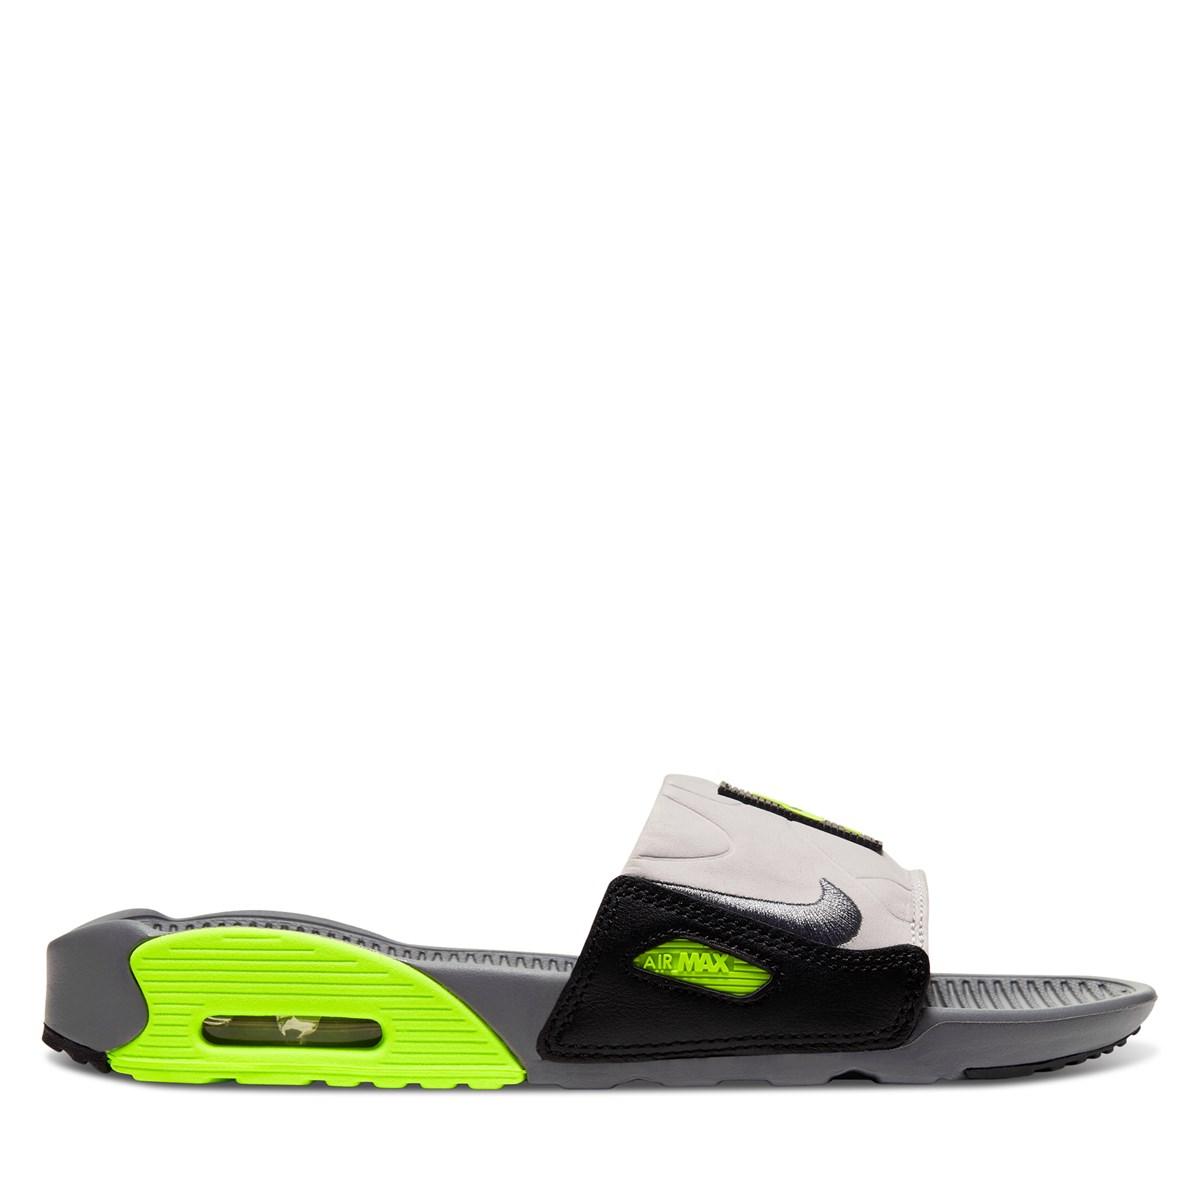 Sandales Air Max 90 vertes pour femmes